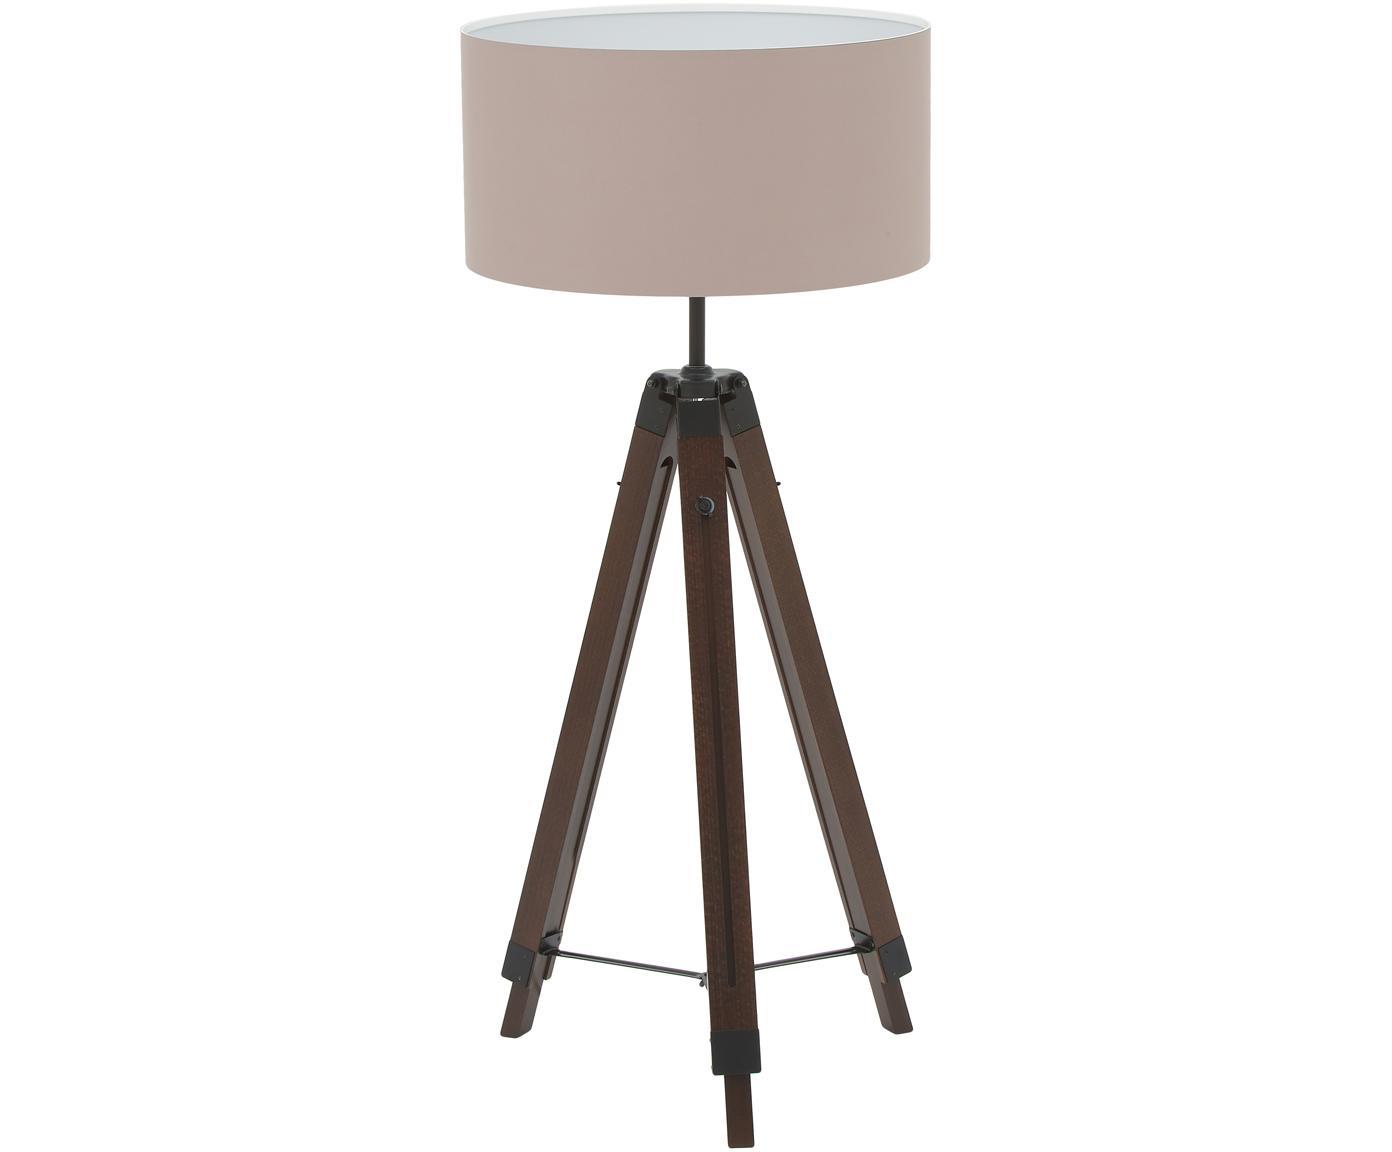 Lampa podłogowa z drewna z orzecha włoskiego Matilda, Podstawa lampy: drewno orzecha włoskiego, czarny Klosz: taupe, Ø 70 x W 150 cm